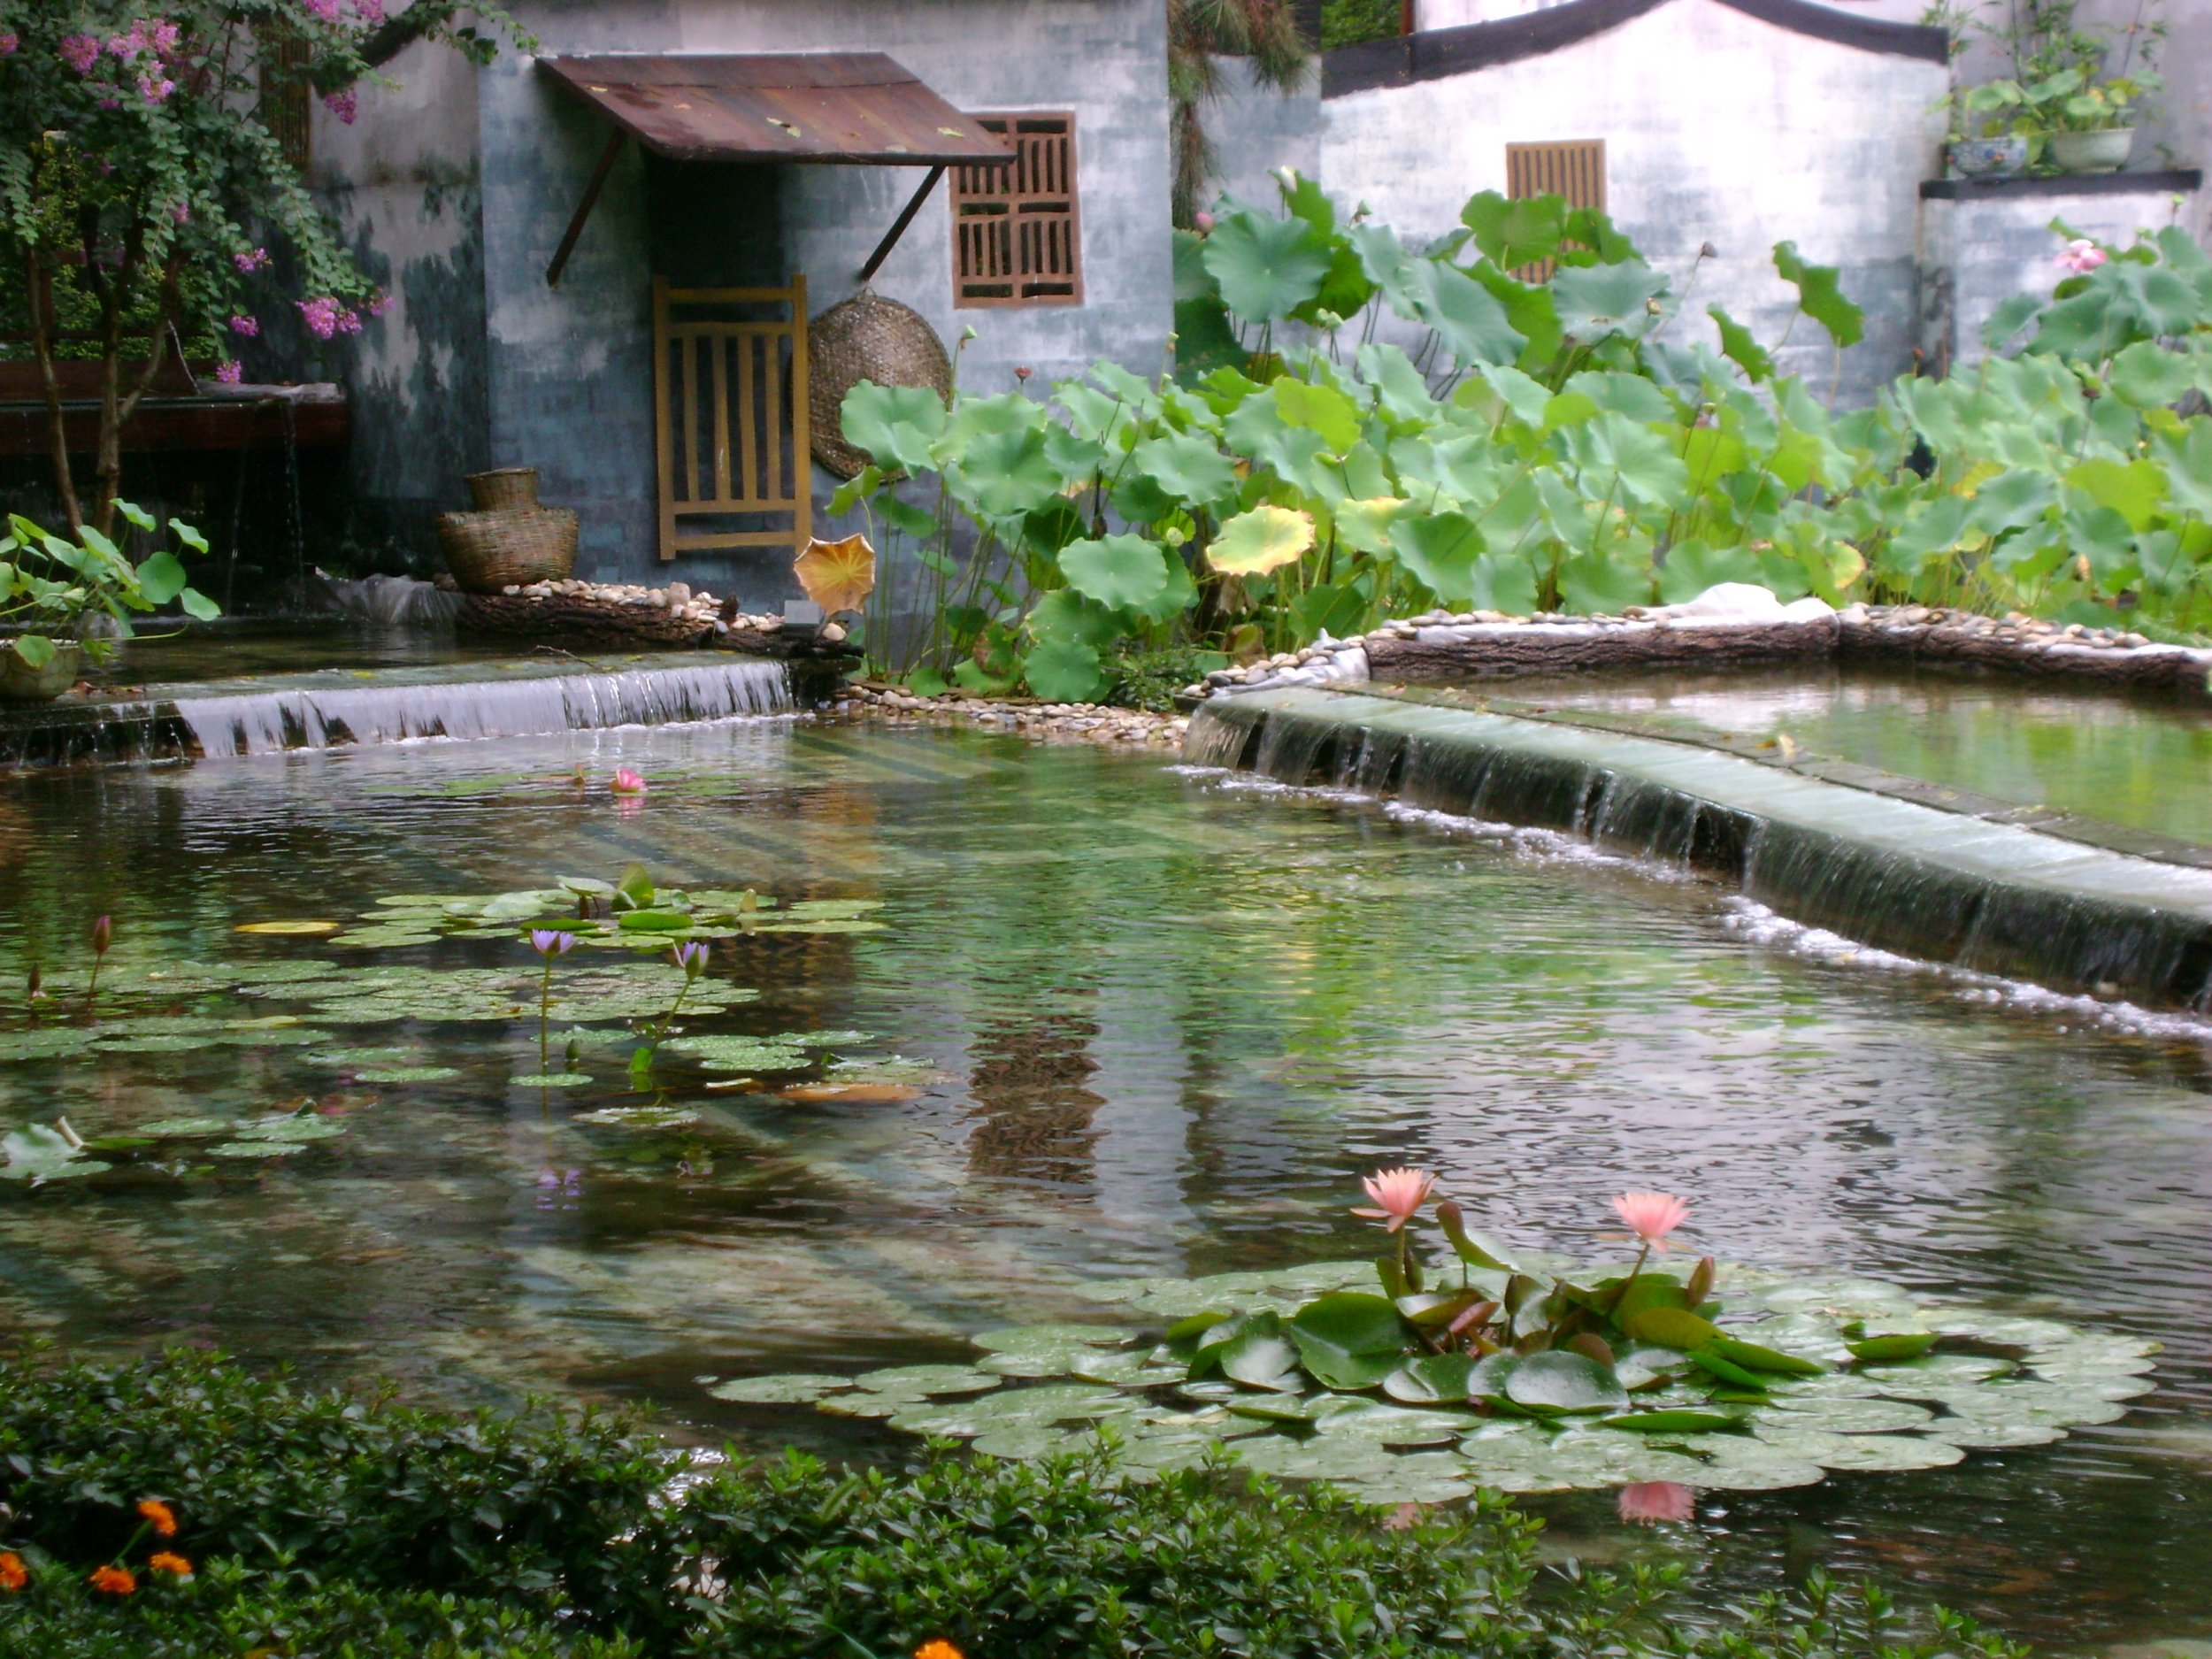 Giardino cinese maria nobili premio celeste 2011 for Giardino cinese